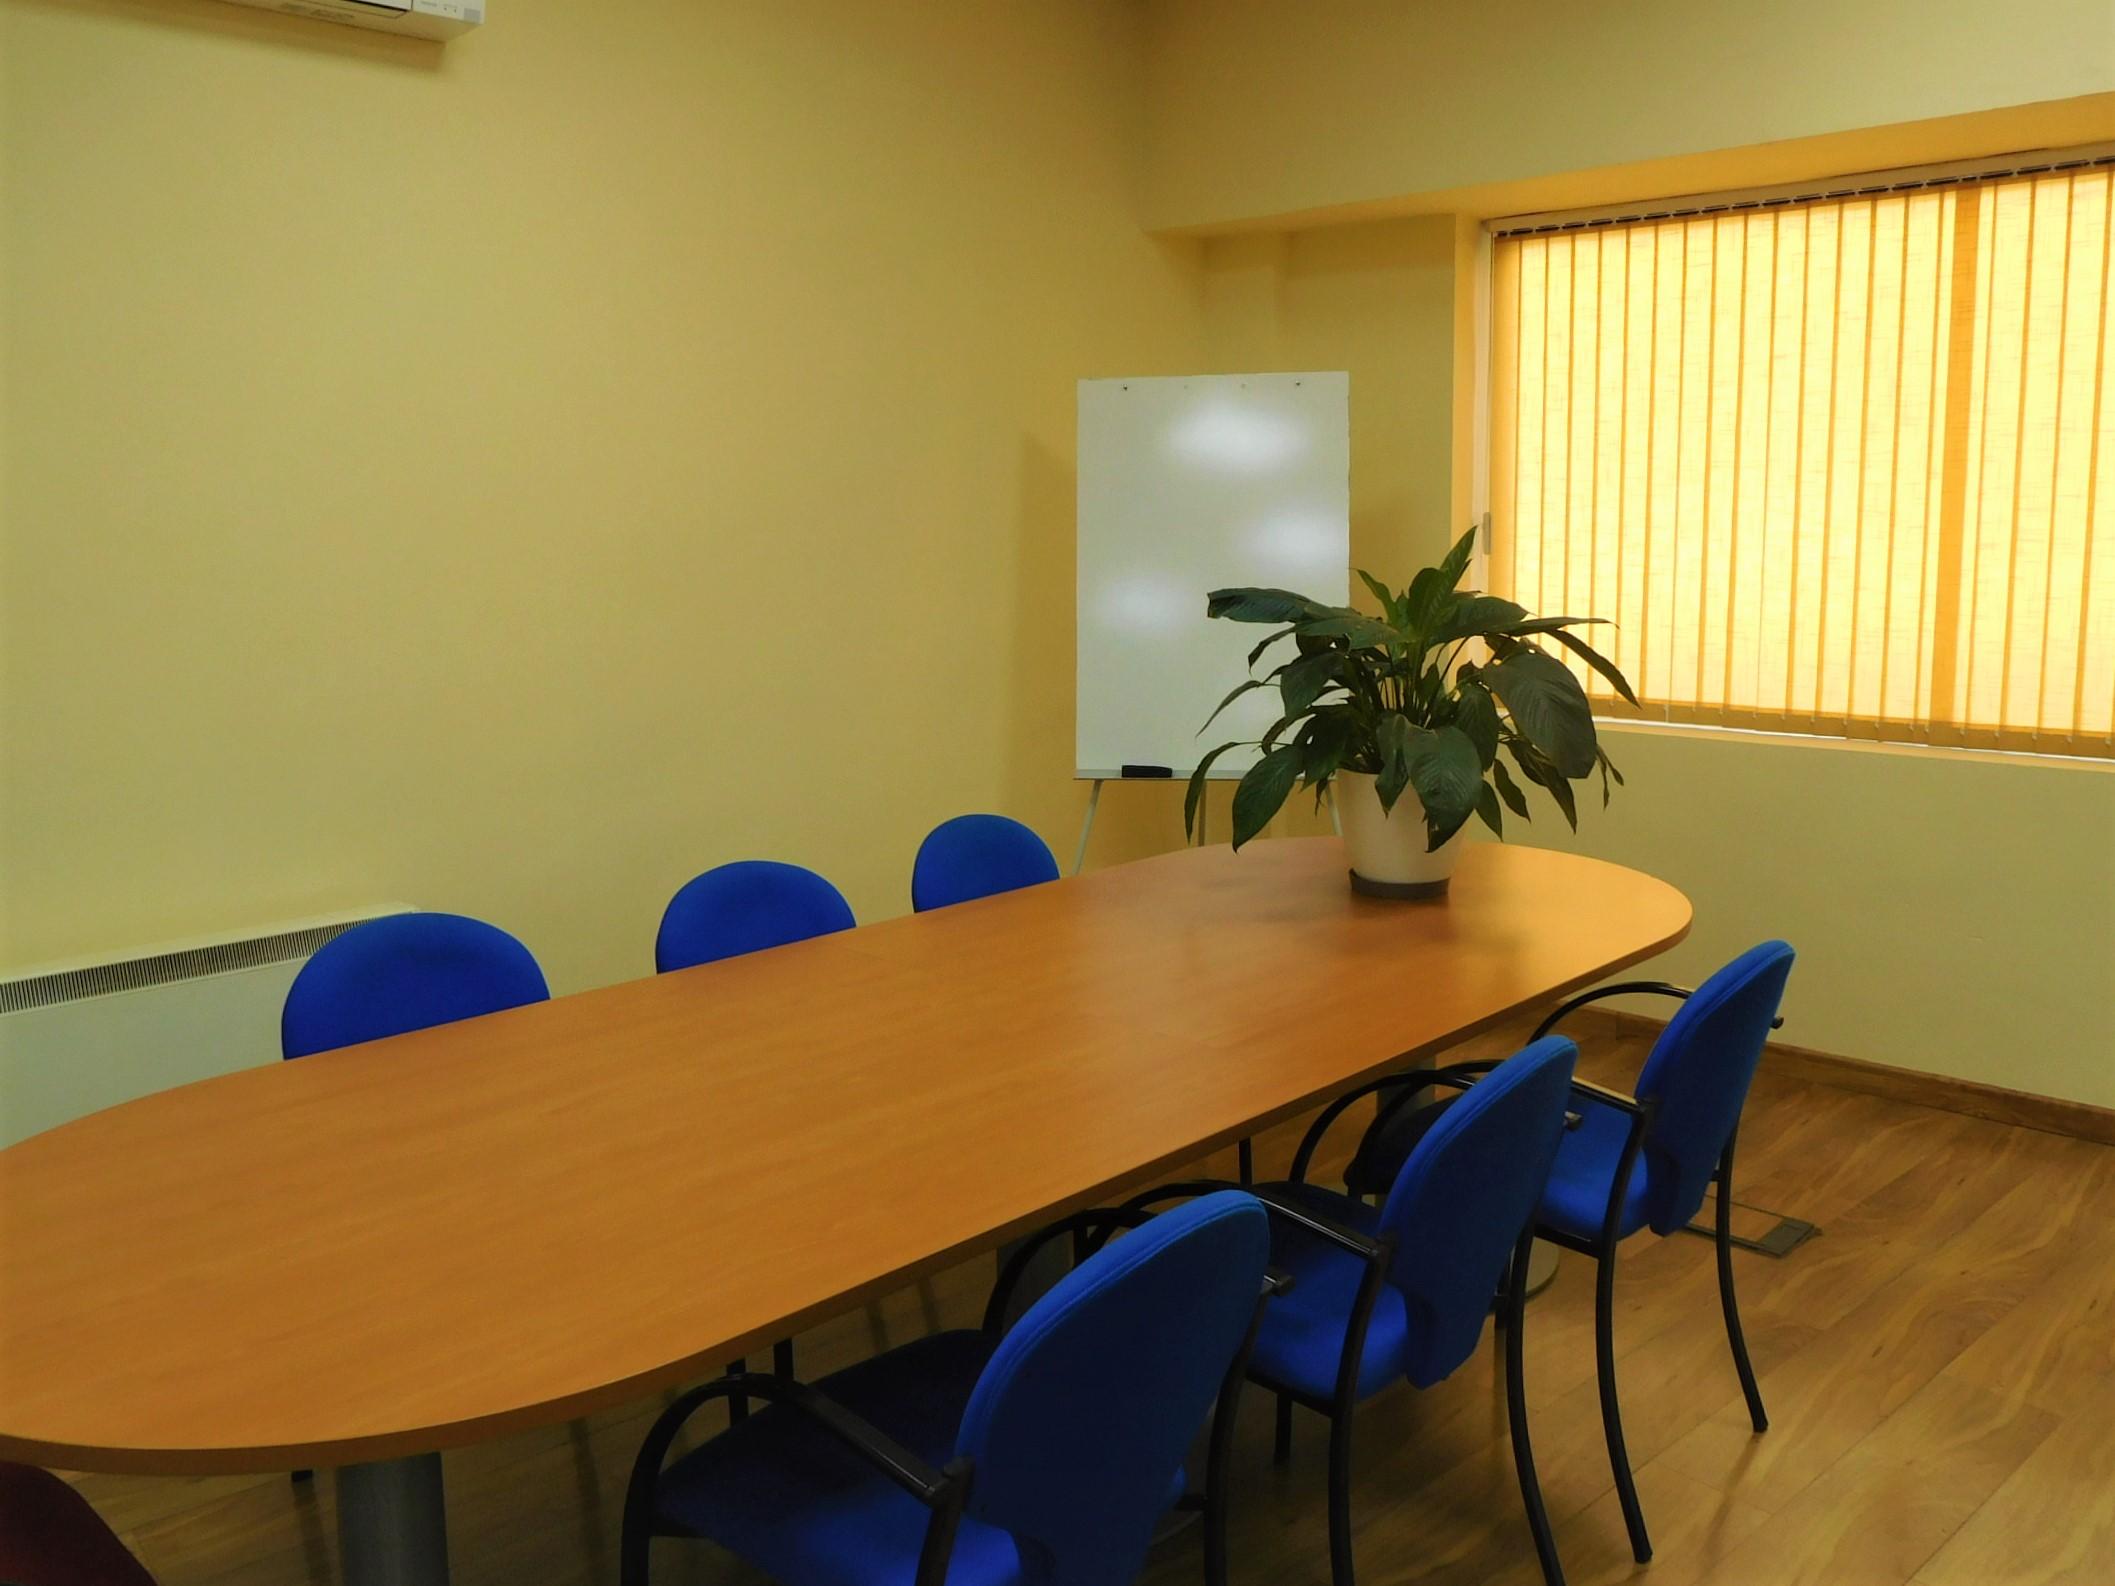 Home alquiler de despachos y oficina virtual en madrid oficina 3c - Convenio colectivo oficinas y despachos madrid ...